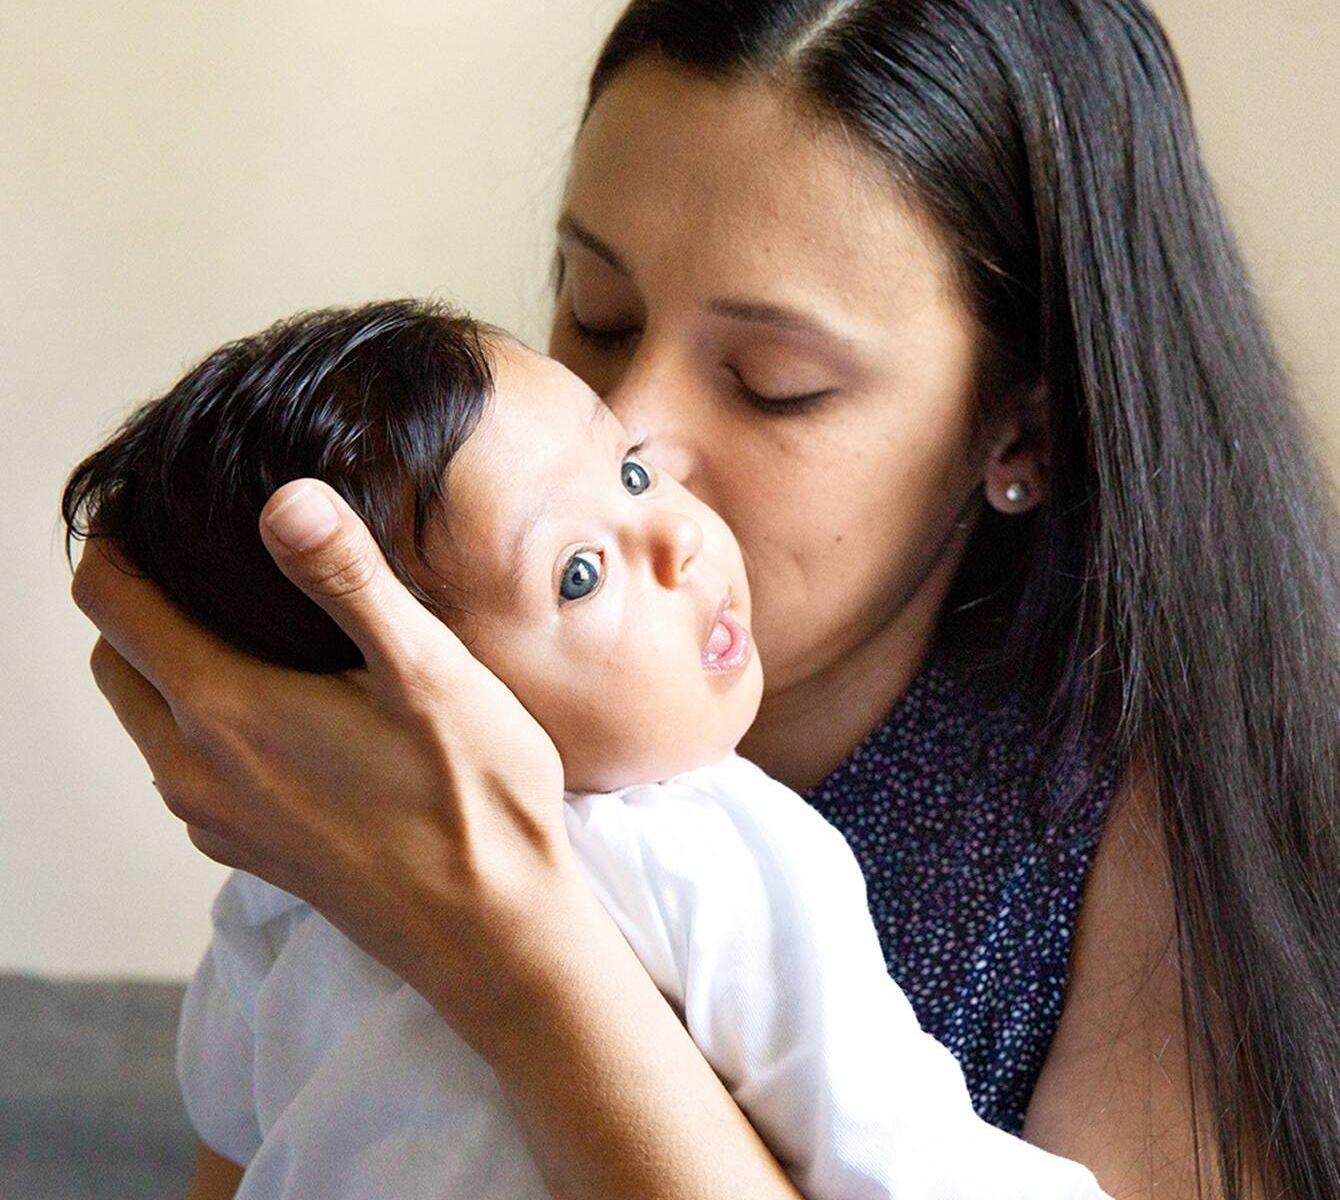 Học ngay 3 cách bế trẻ sơ sinh đúng hướng dẫn của điều dưỡng